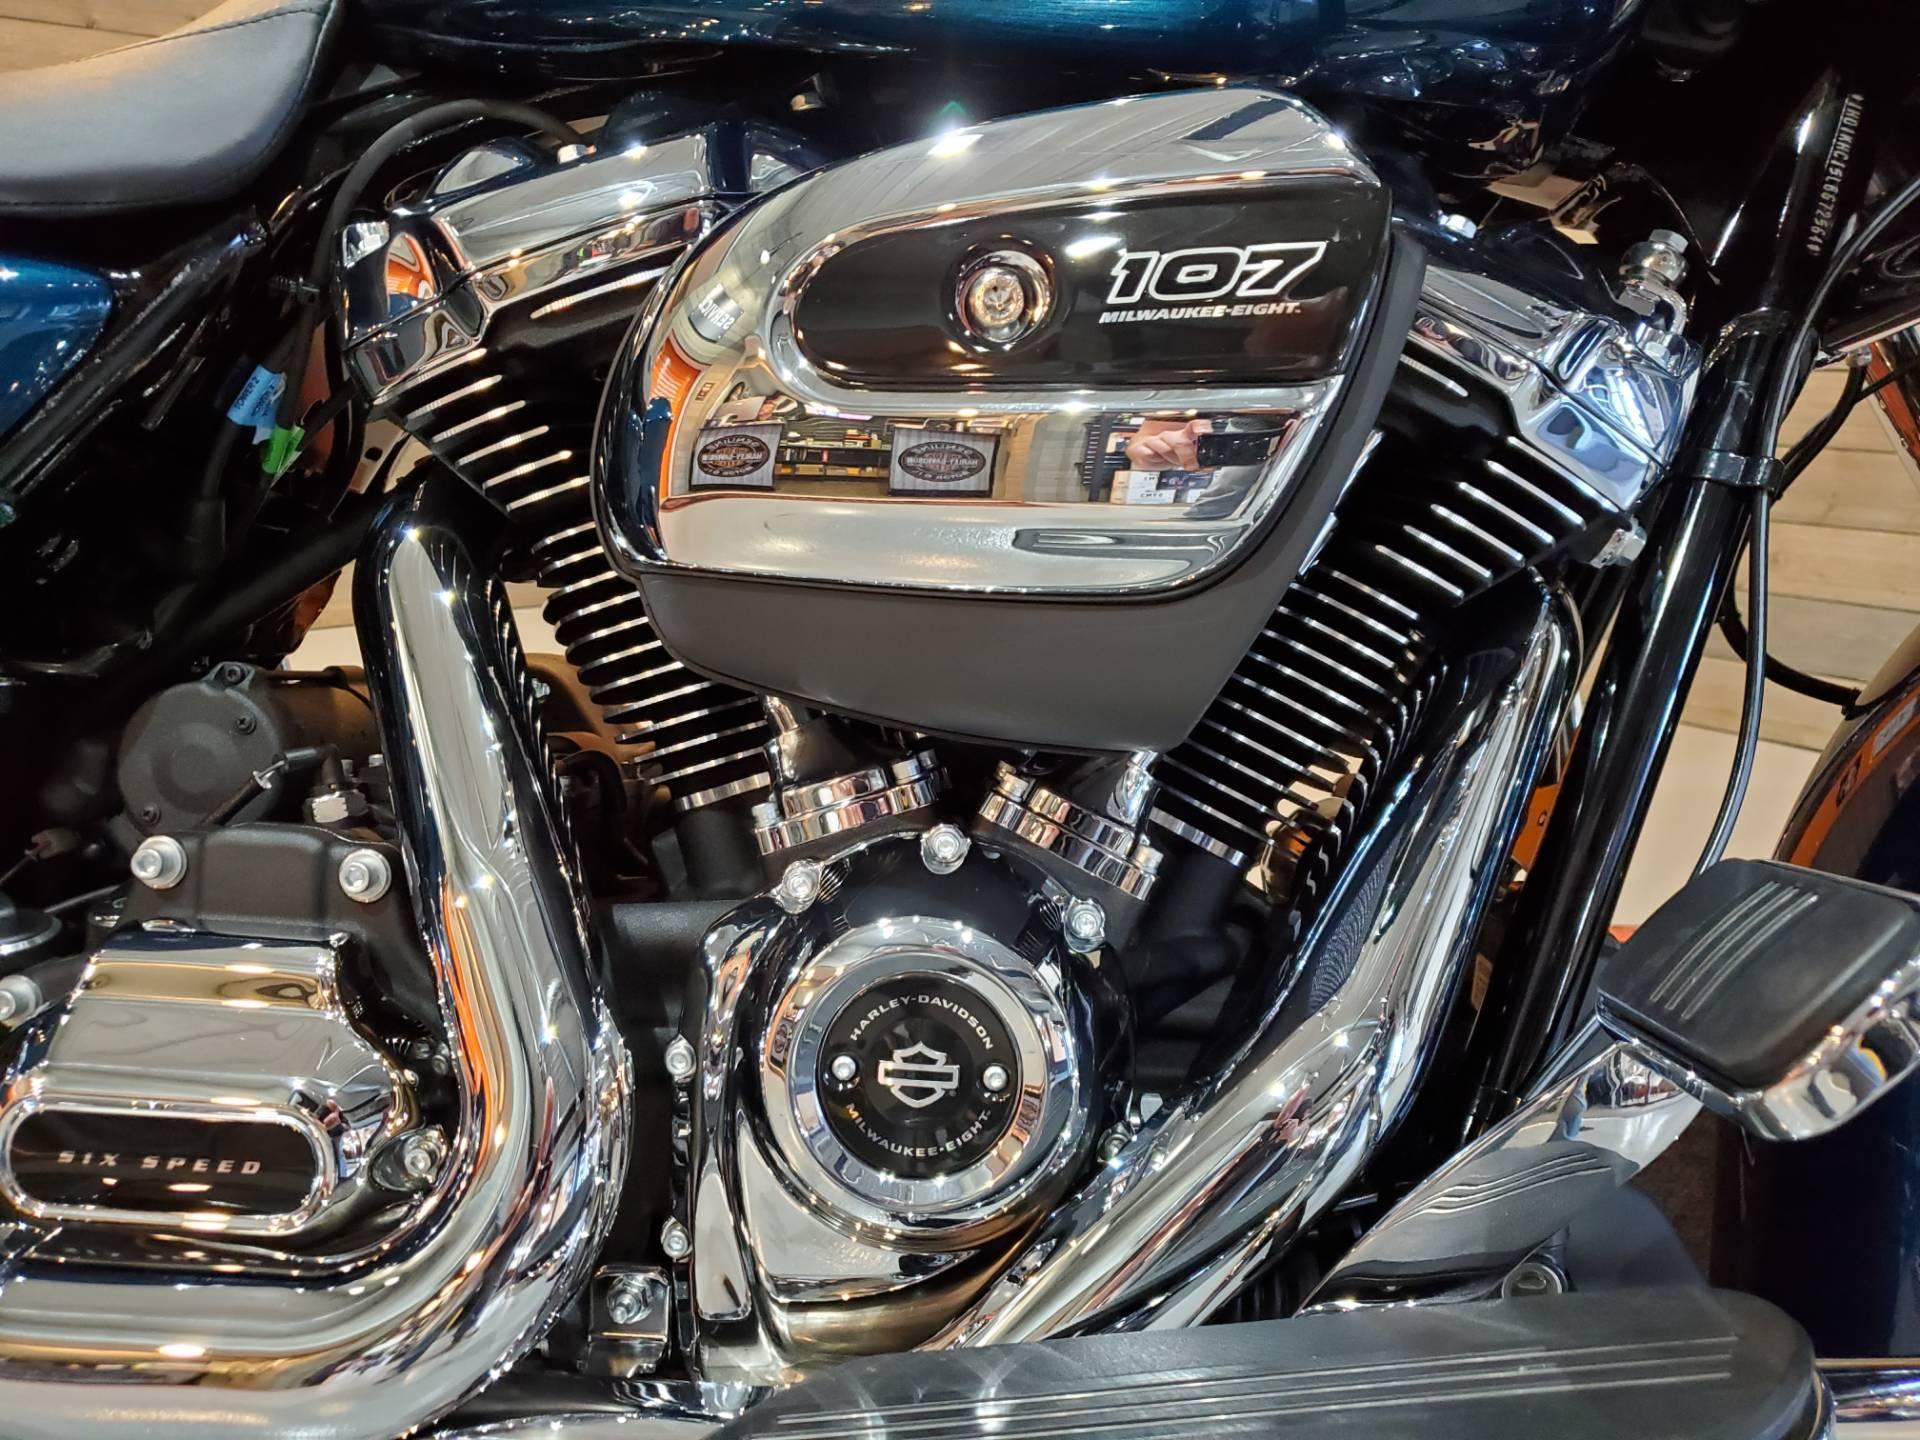 New 2020 Harley Davidson Road Glide Motorcycles In Kokomo In 672564 Tahitian Teal